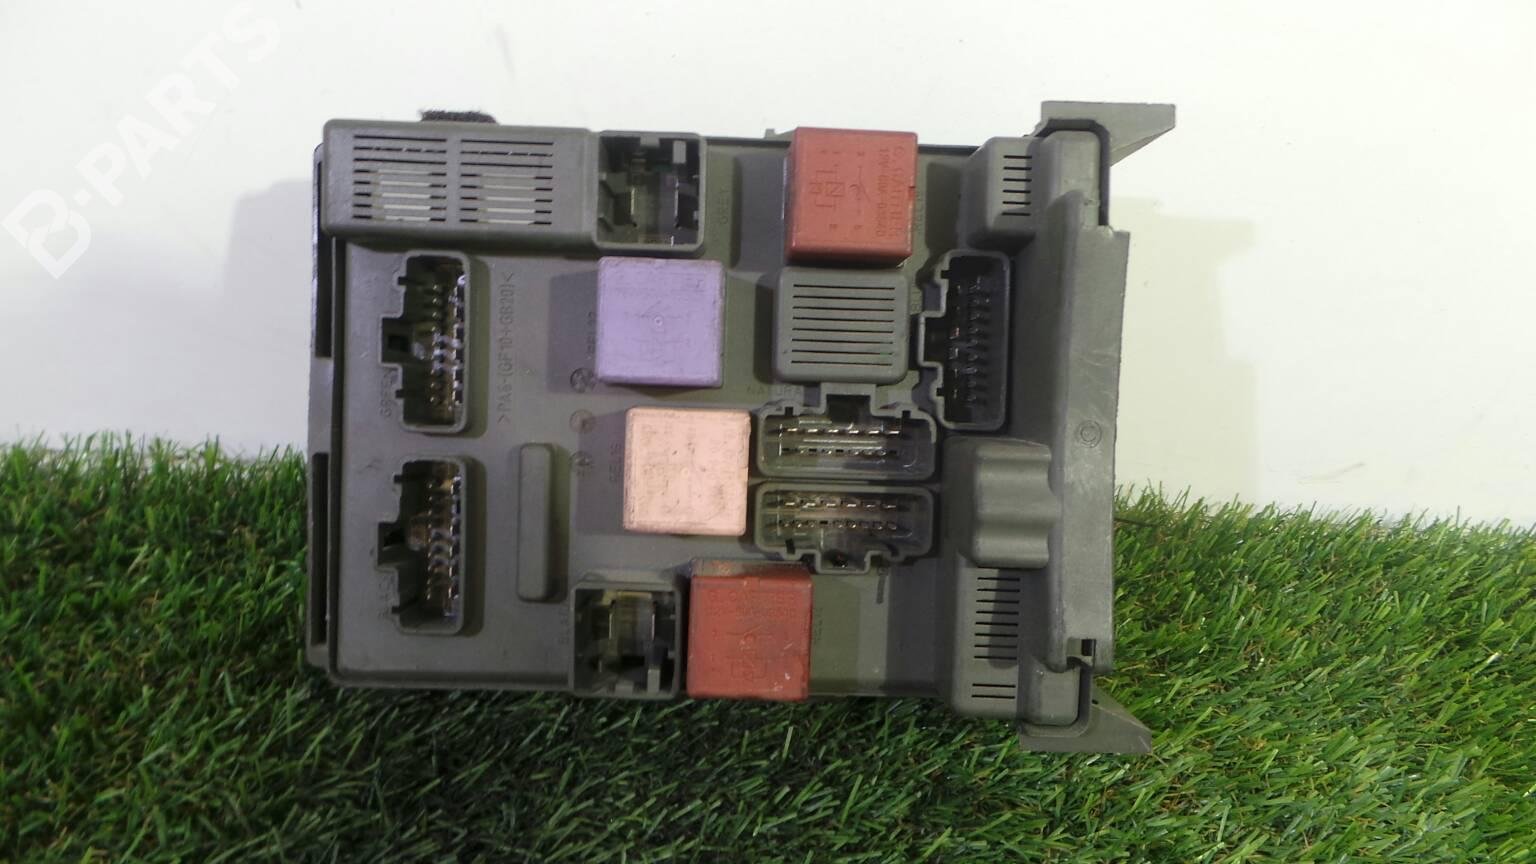 Fuse Box Renault Laguna Ii Bg0 1 19 Dci Bg08 Bg0g 1571555 Megane Parts 8200 371 619b